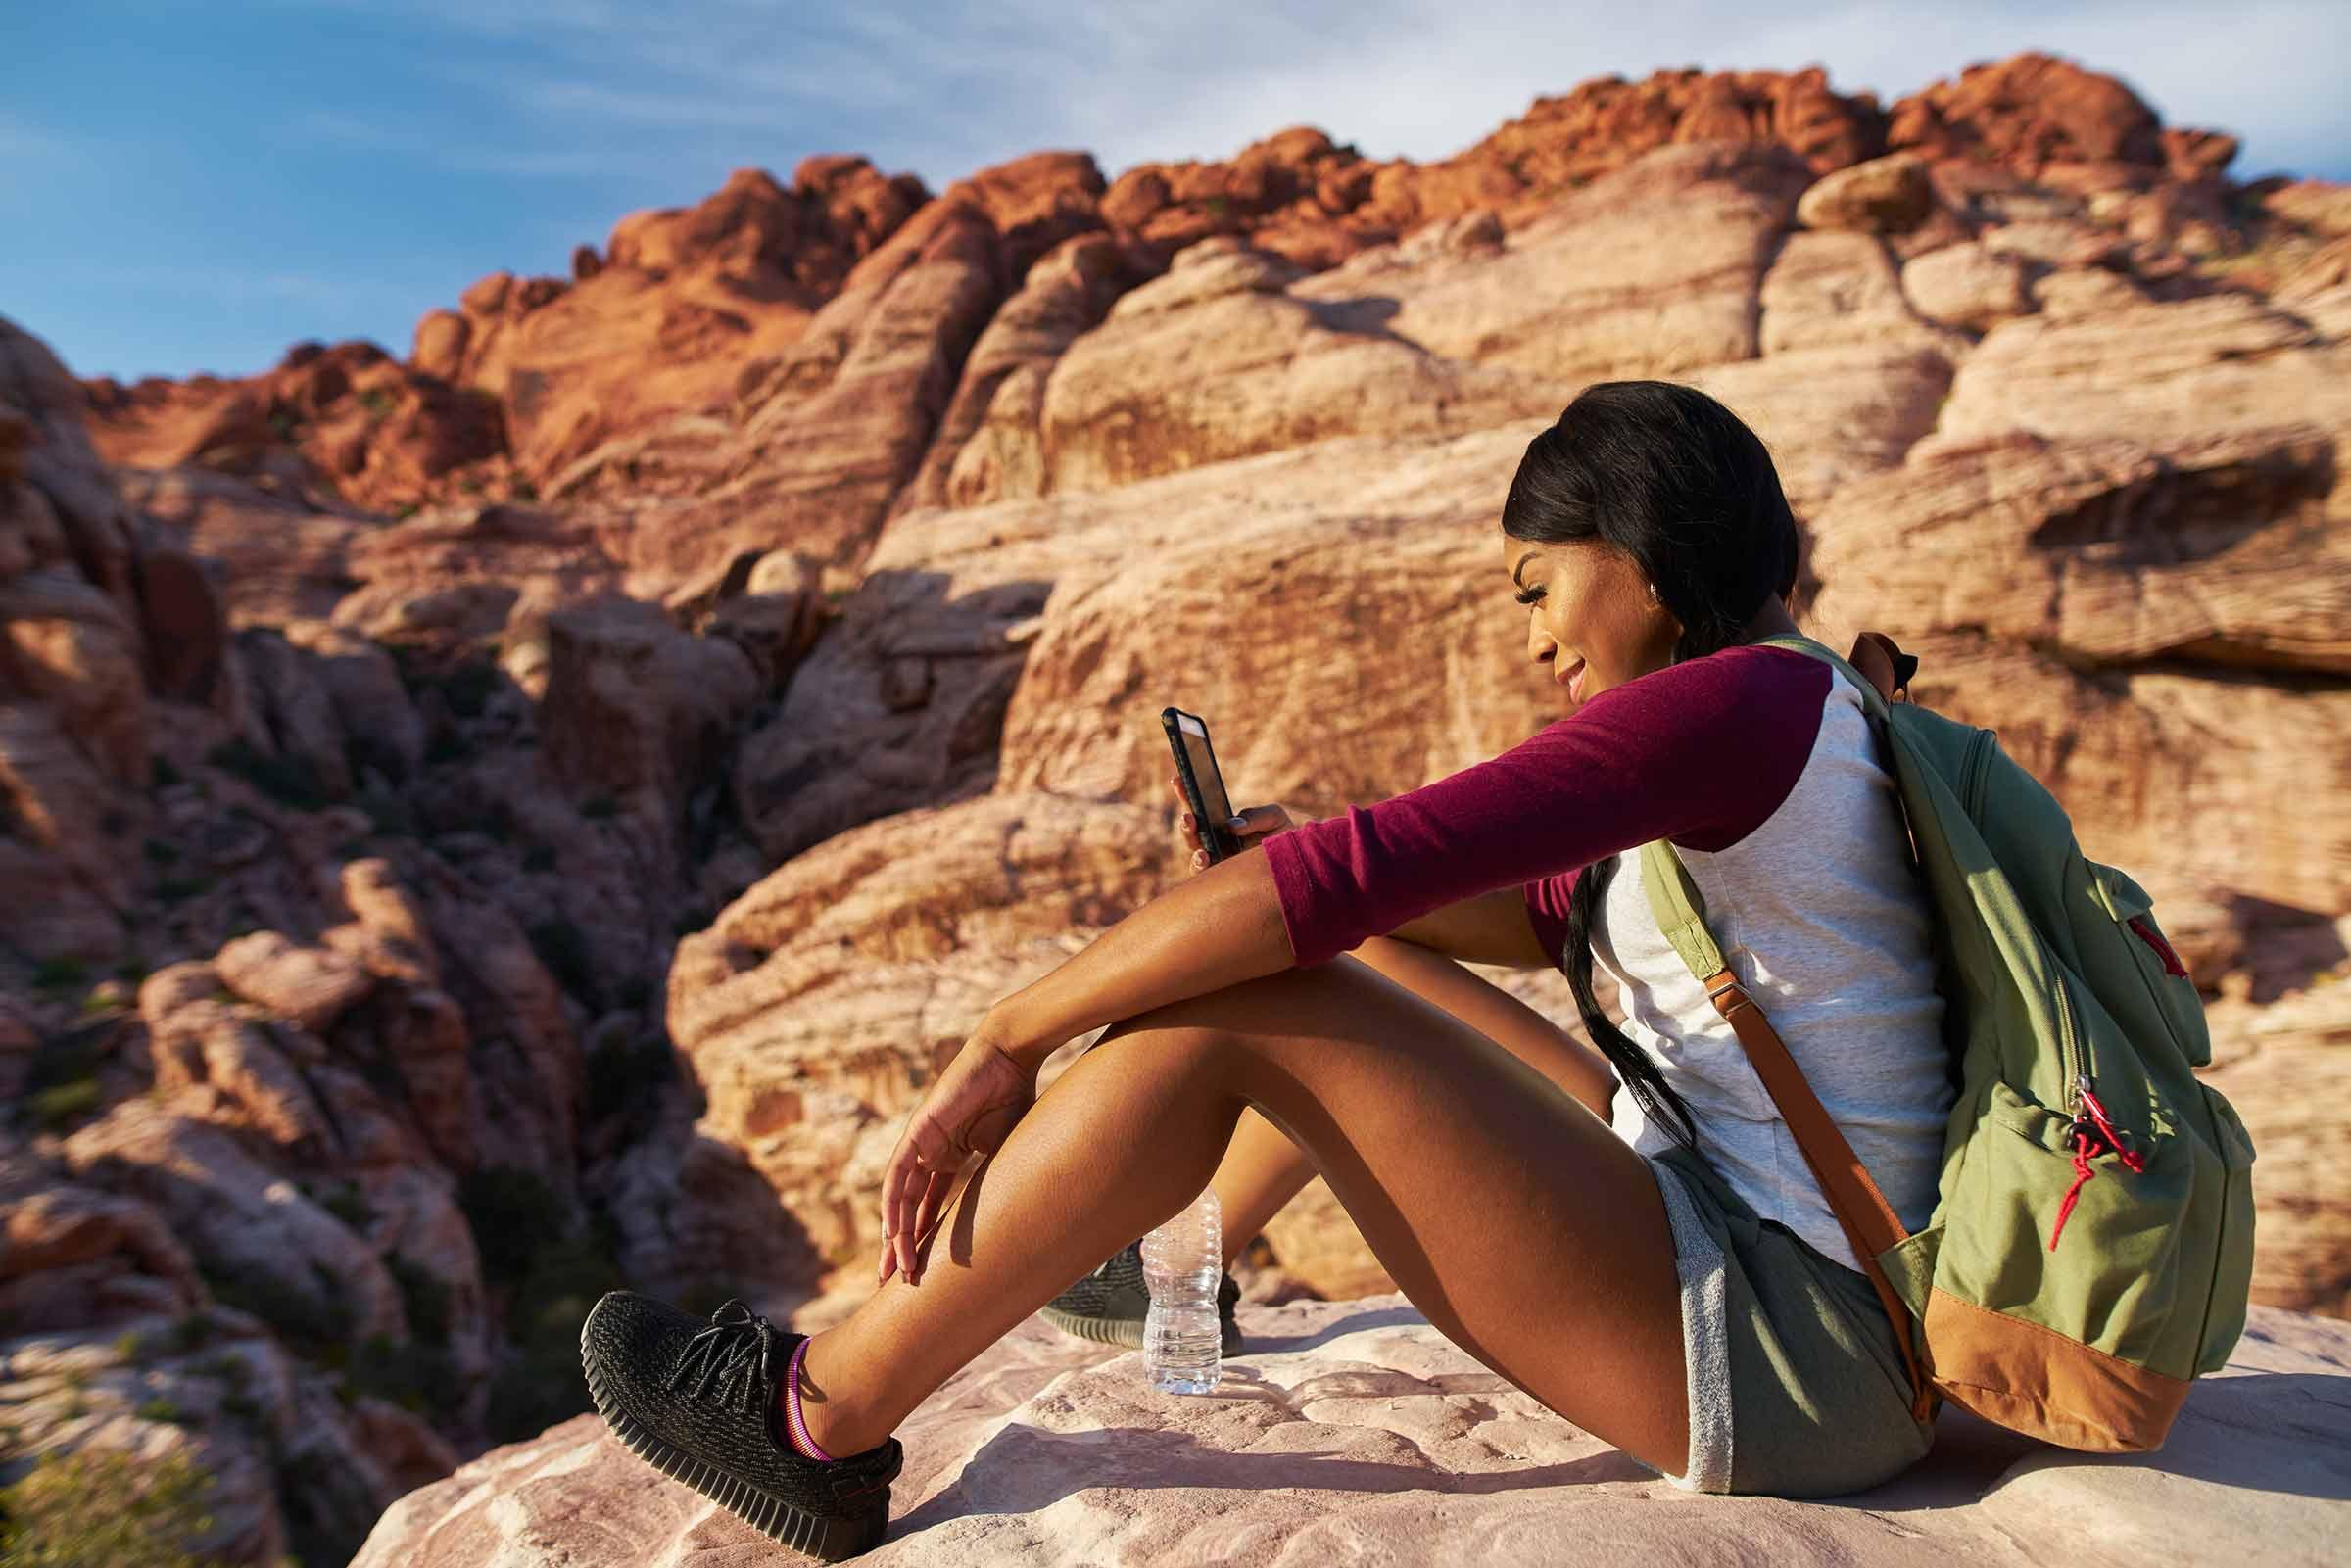 Foto de uma mulher negra sentada em uma pedra, olhando seu smartphone